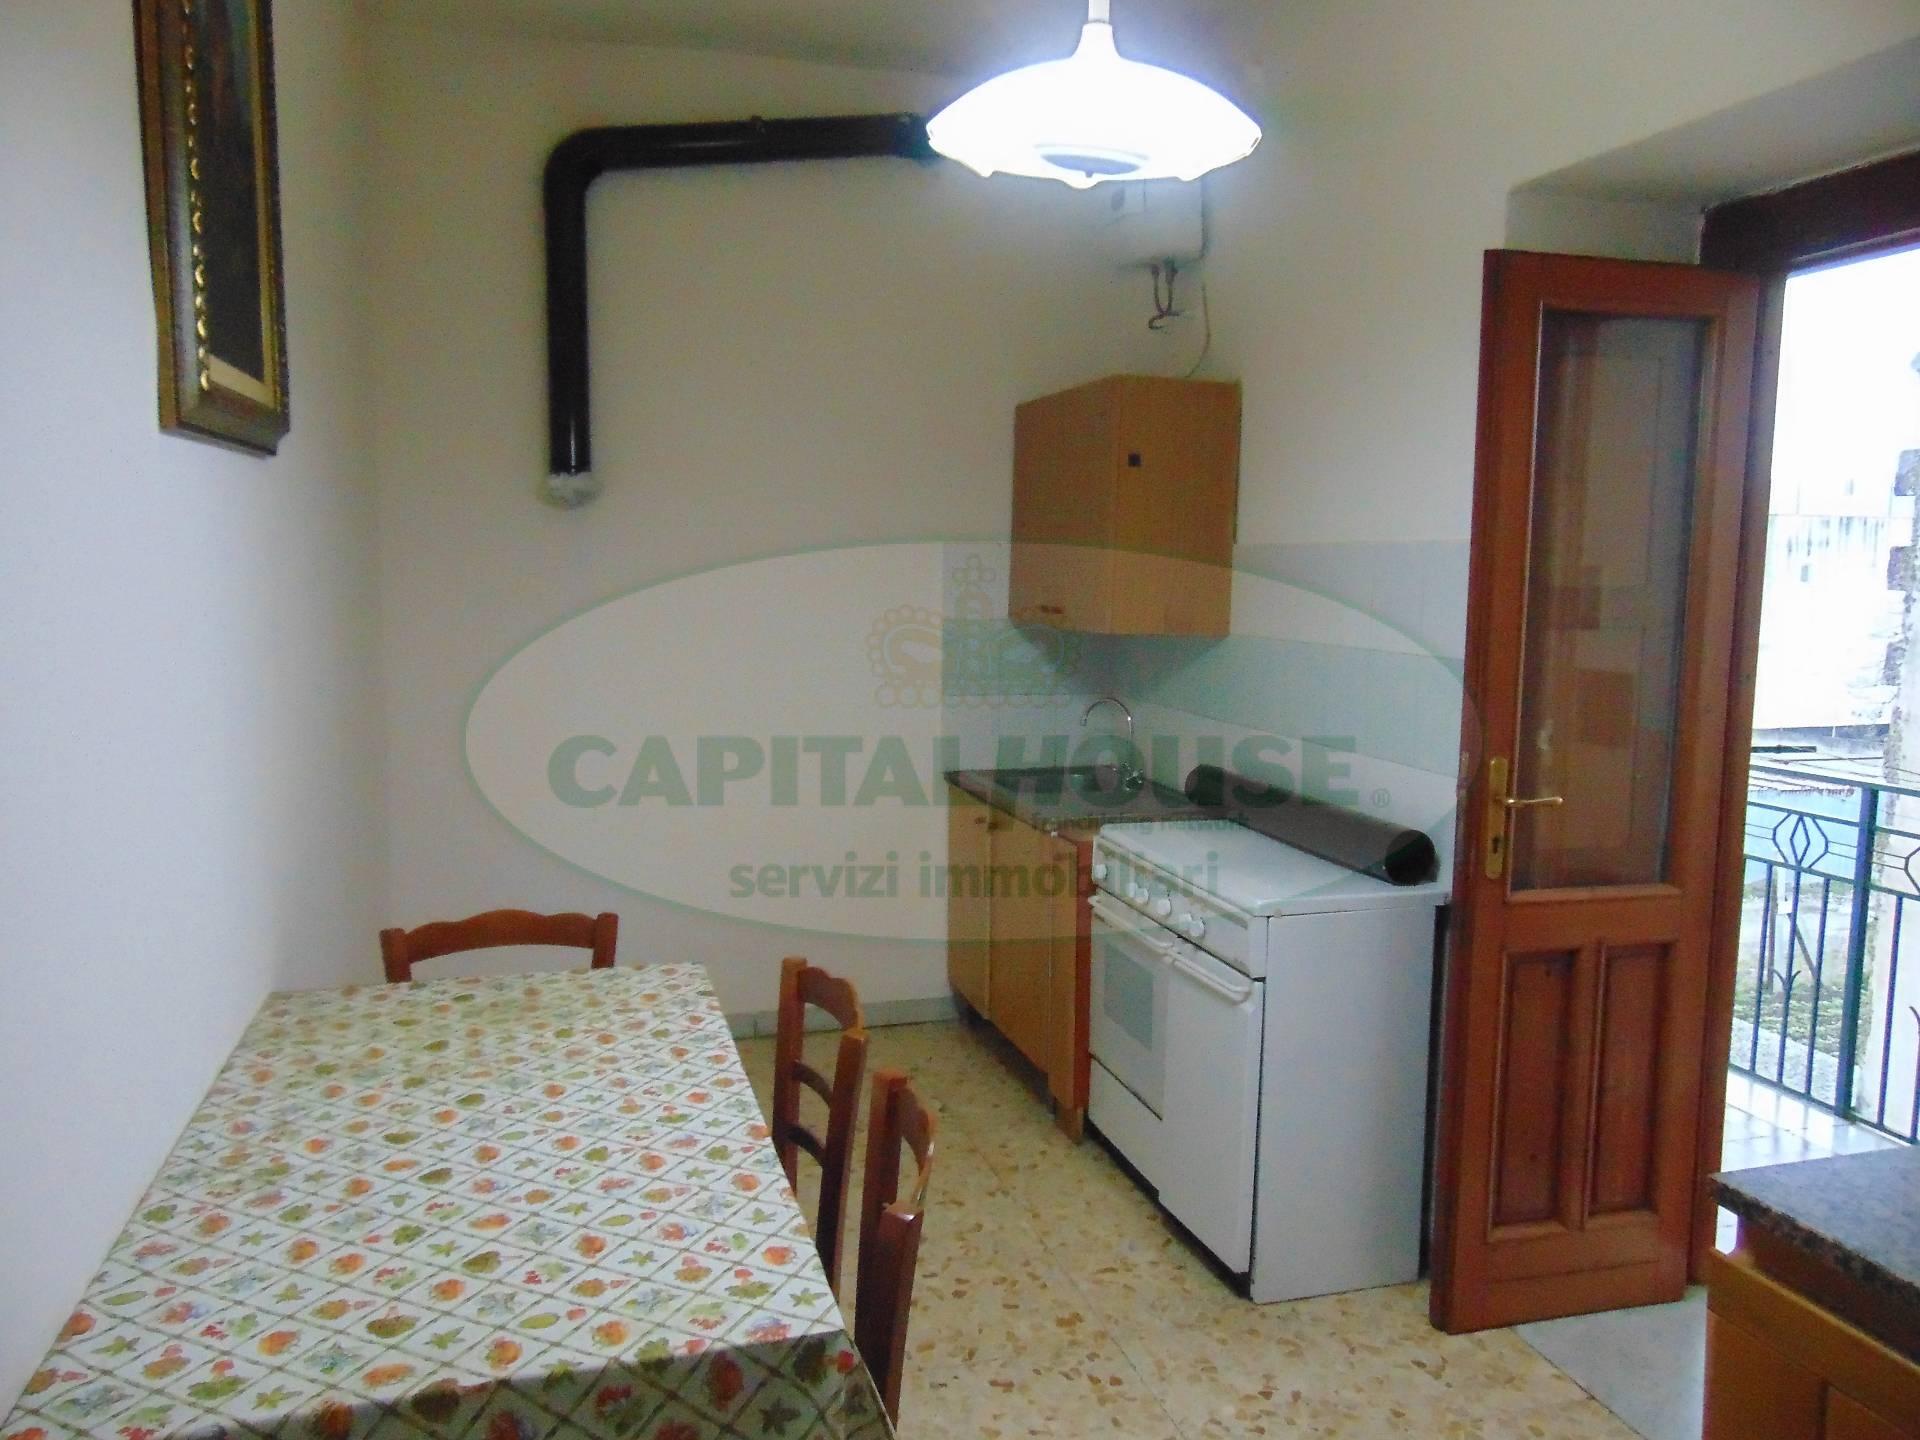 Appartamento in vendita a Avella, 3 locali, prezzo € 43.000   Cambio Casa.it